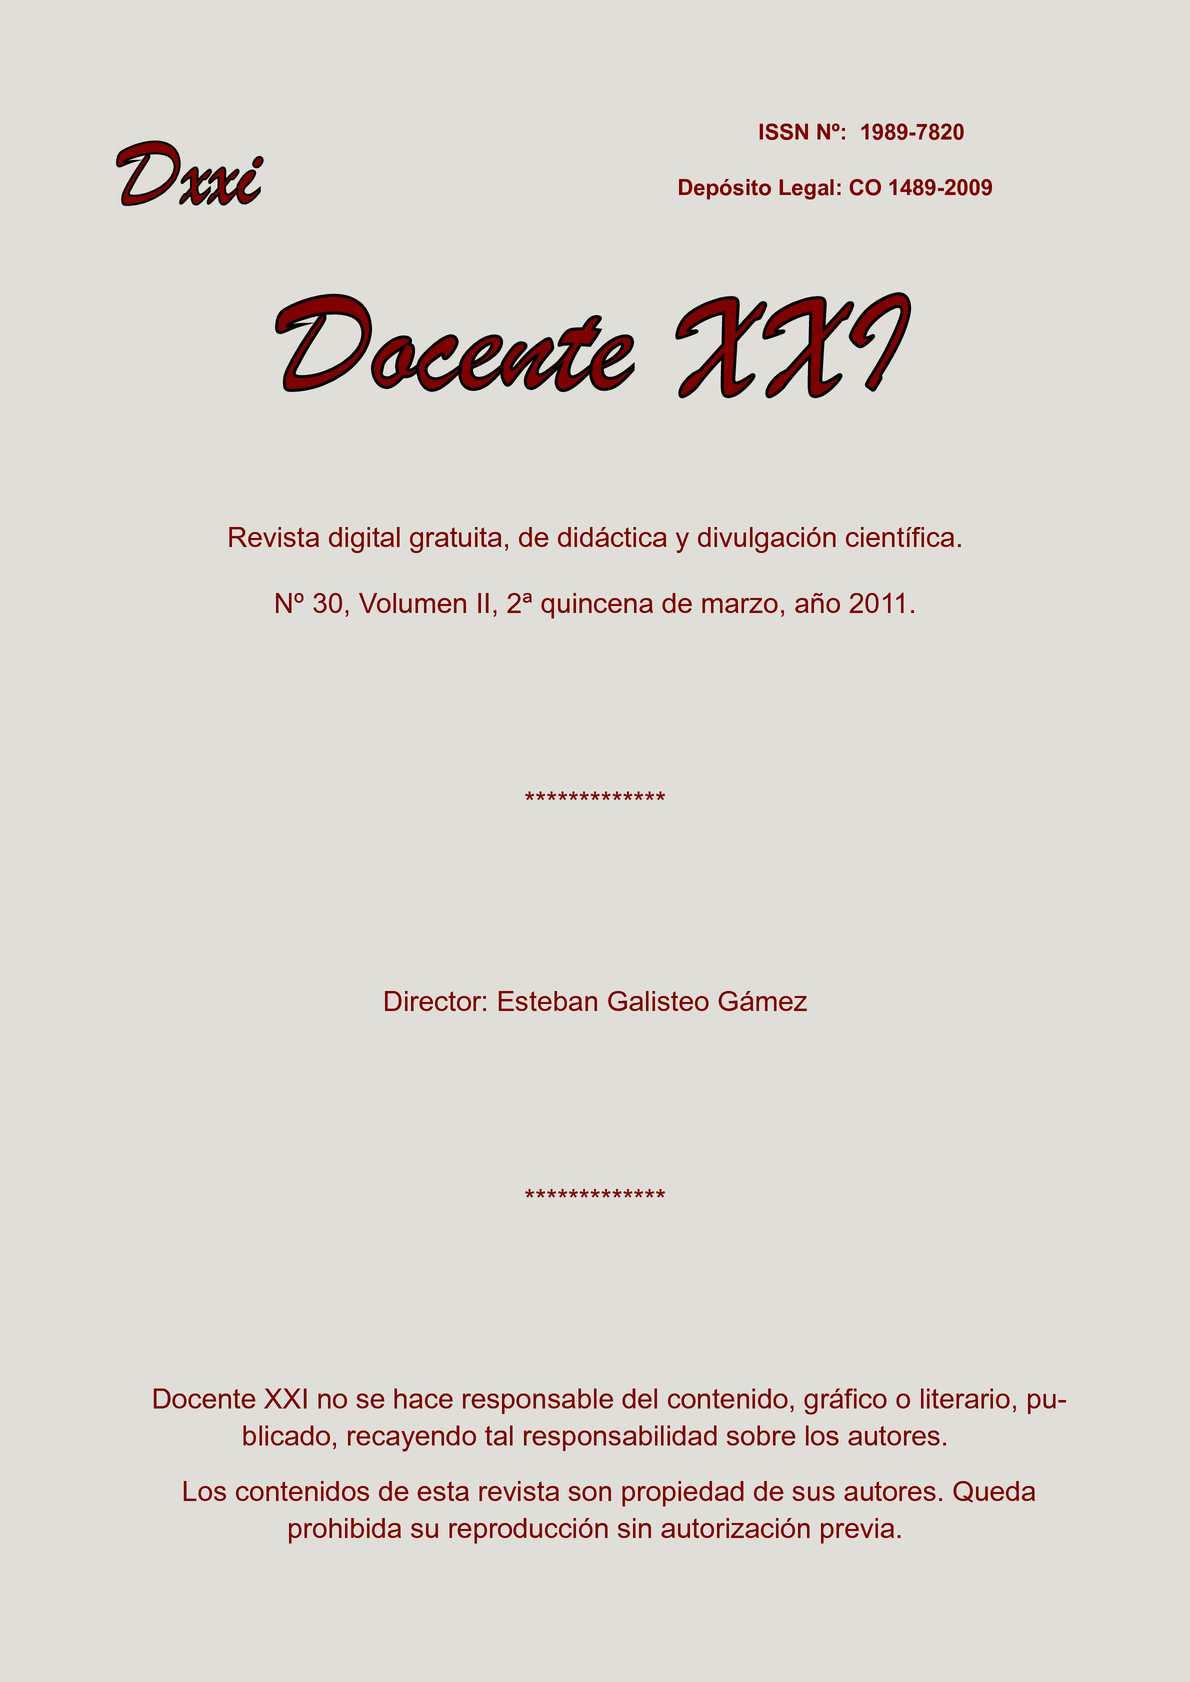 Calaméo - Docente XXI, nº30 vol. II, 2ª quincena de marzo de 2011